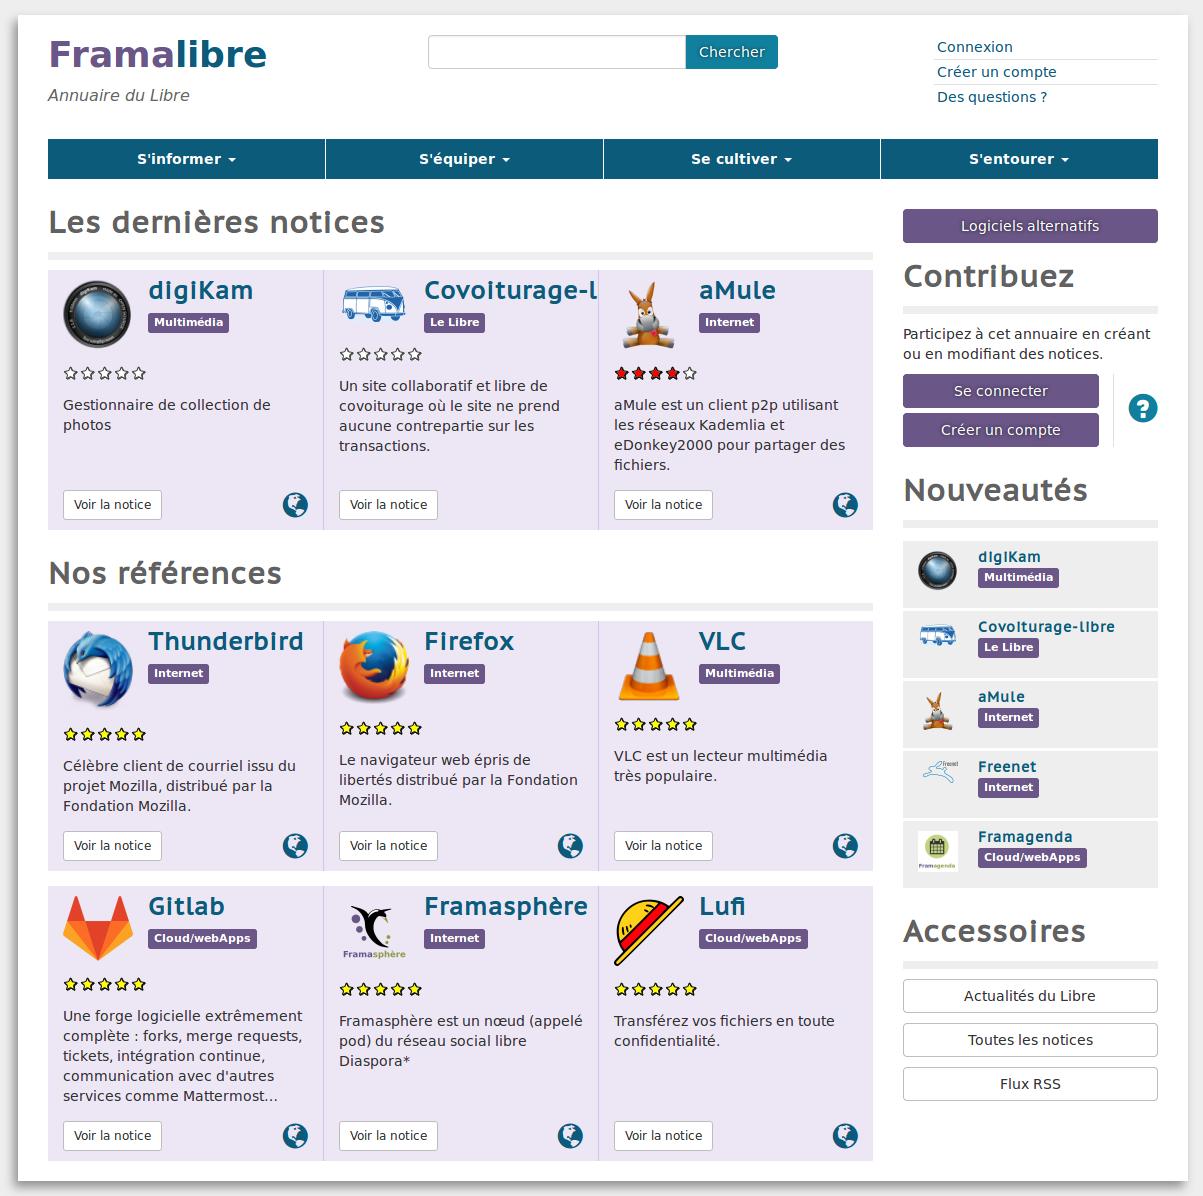 page d'accueil de Framalibre